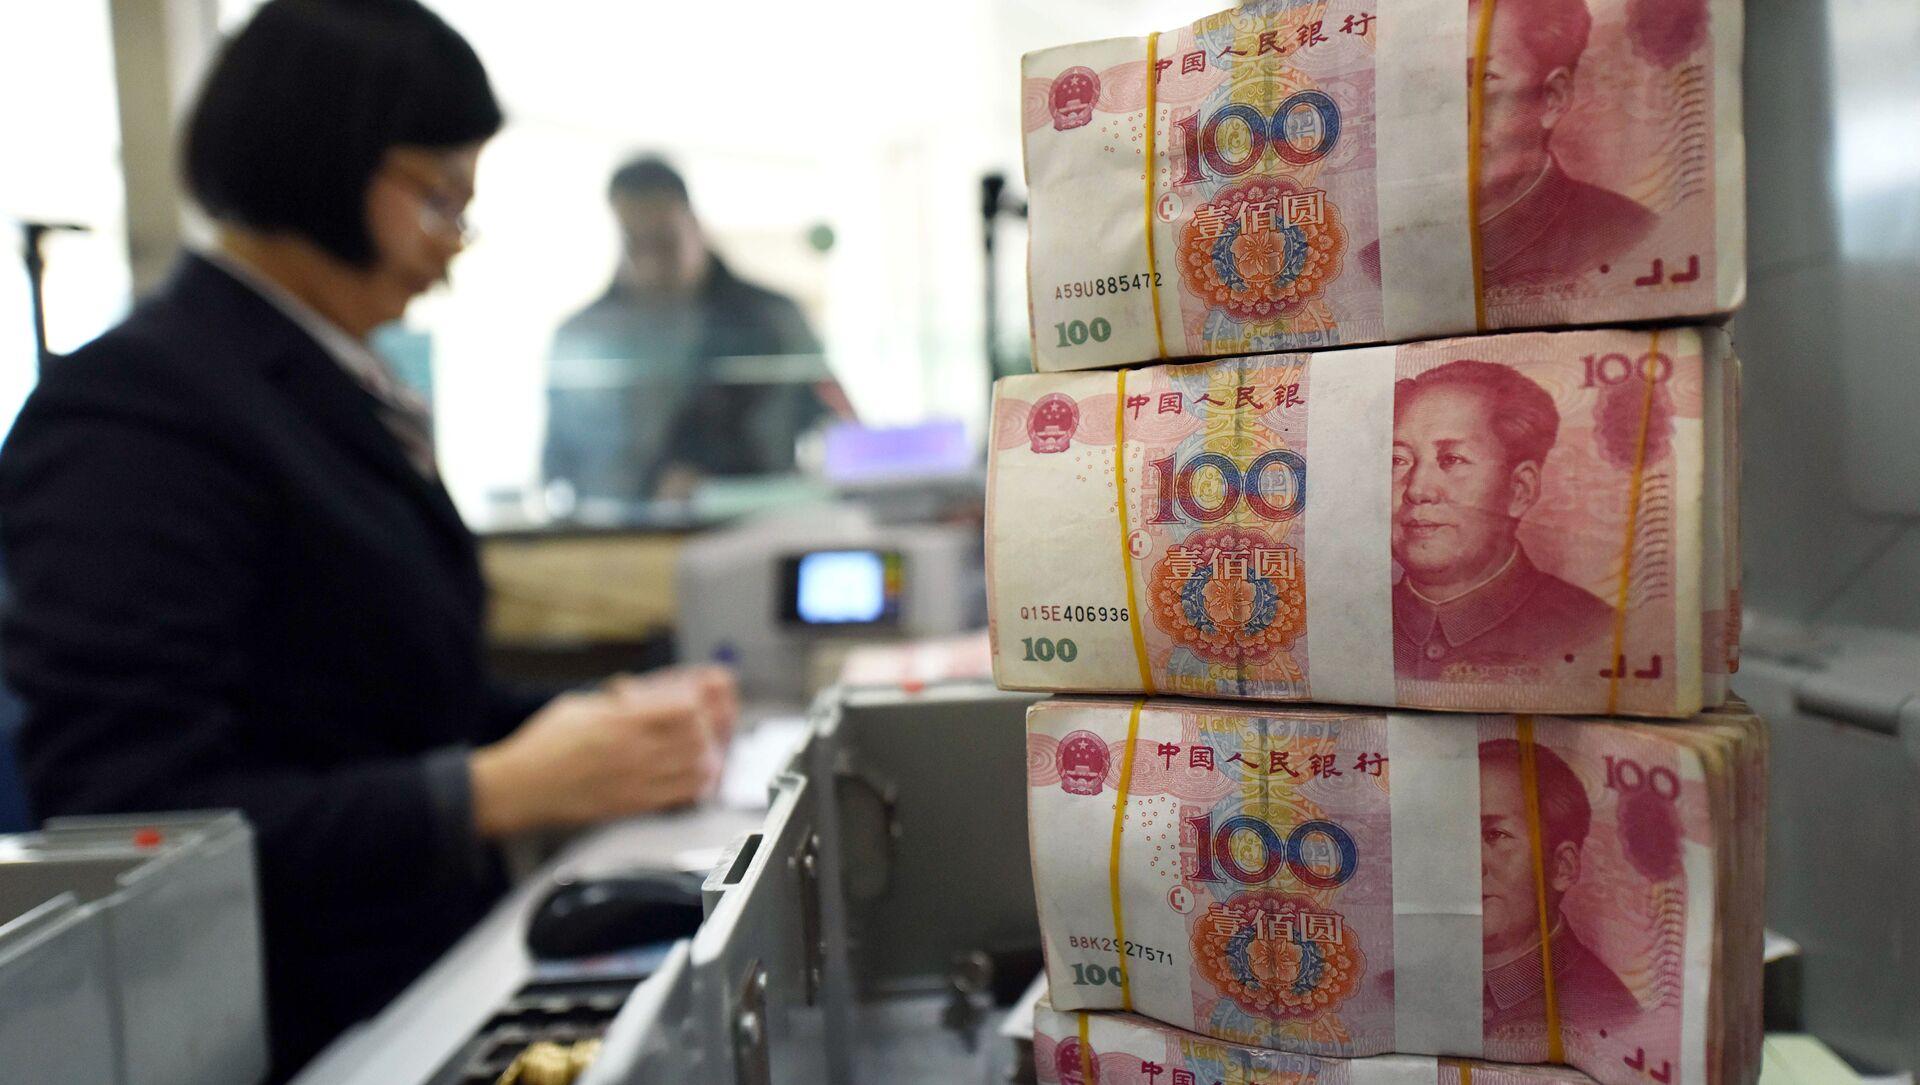 Čínské bankovky v hodnotě 100 jüanů - Sputnik Česká republika, 1920, 28.03.2021